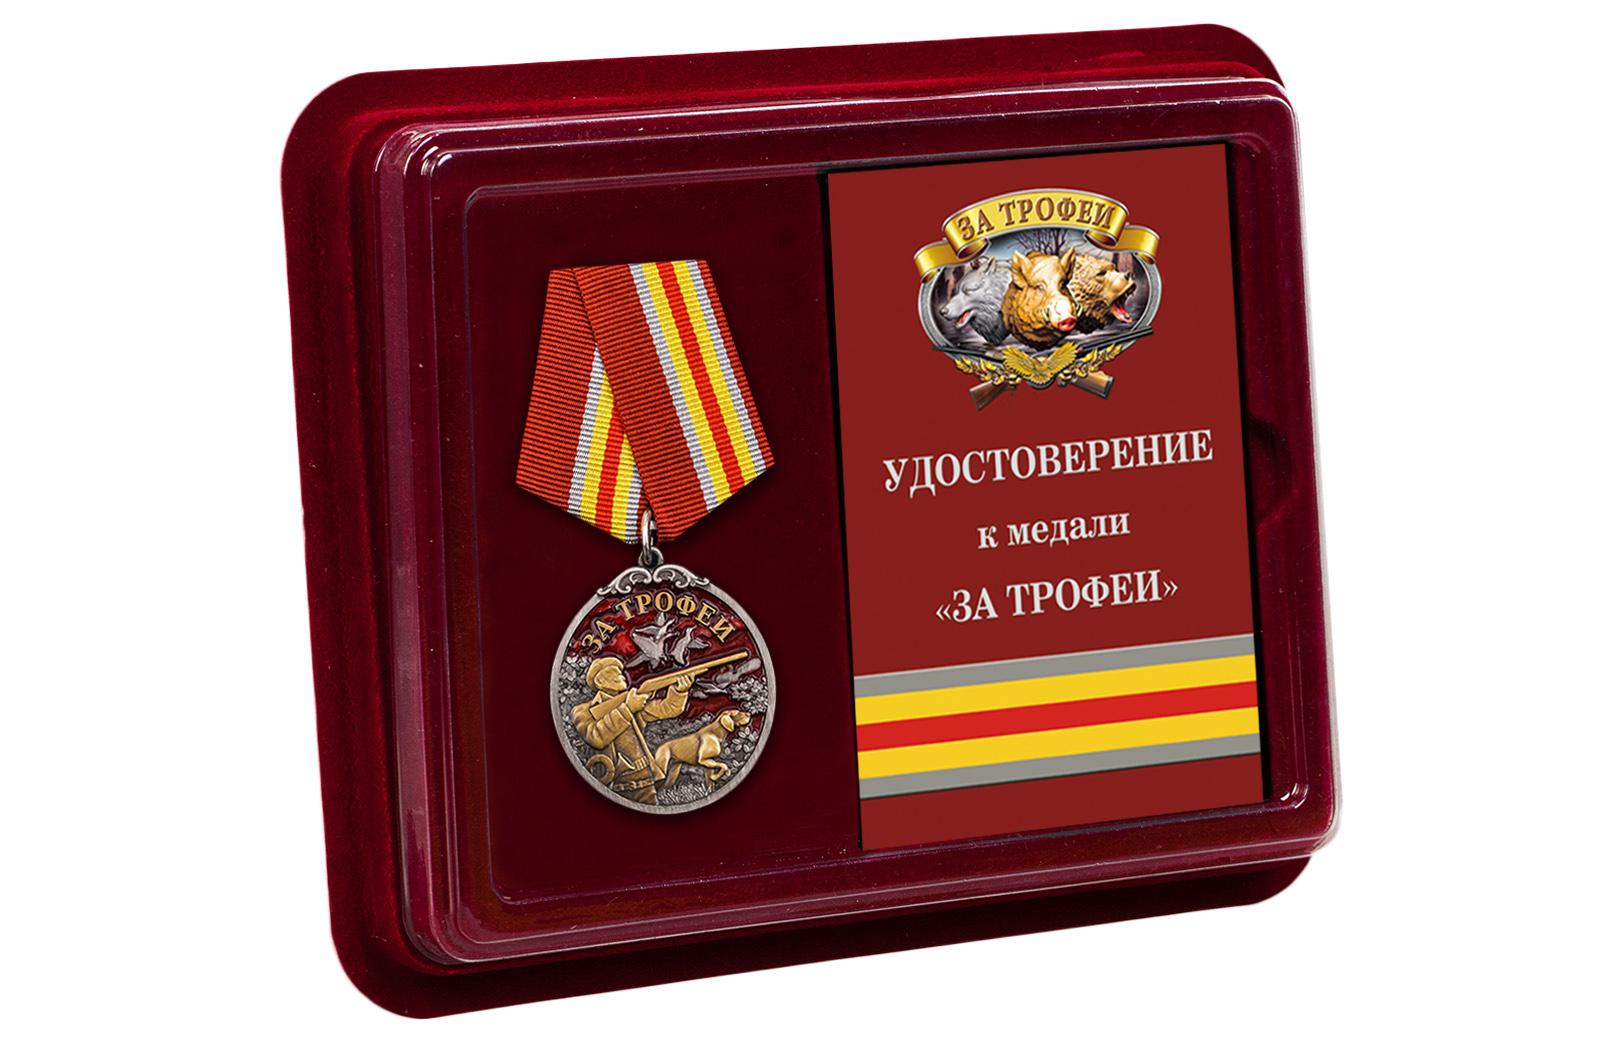 Купить медаль лучшему охотнику За трофеи по выгодной цене